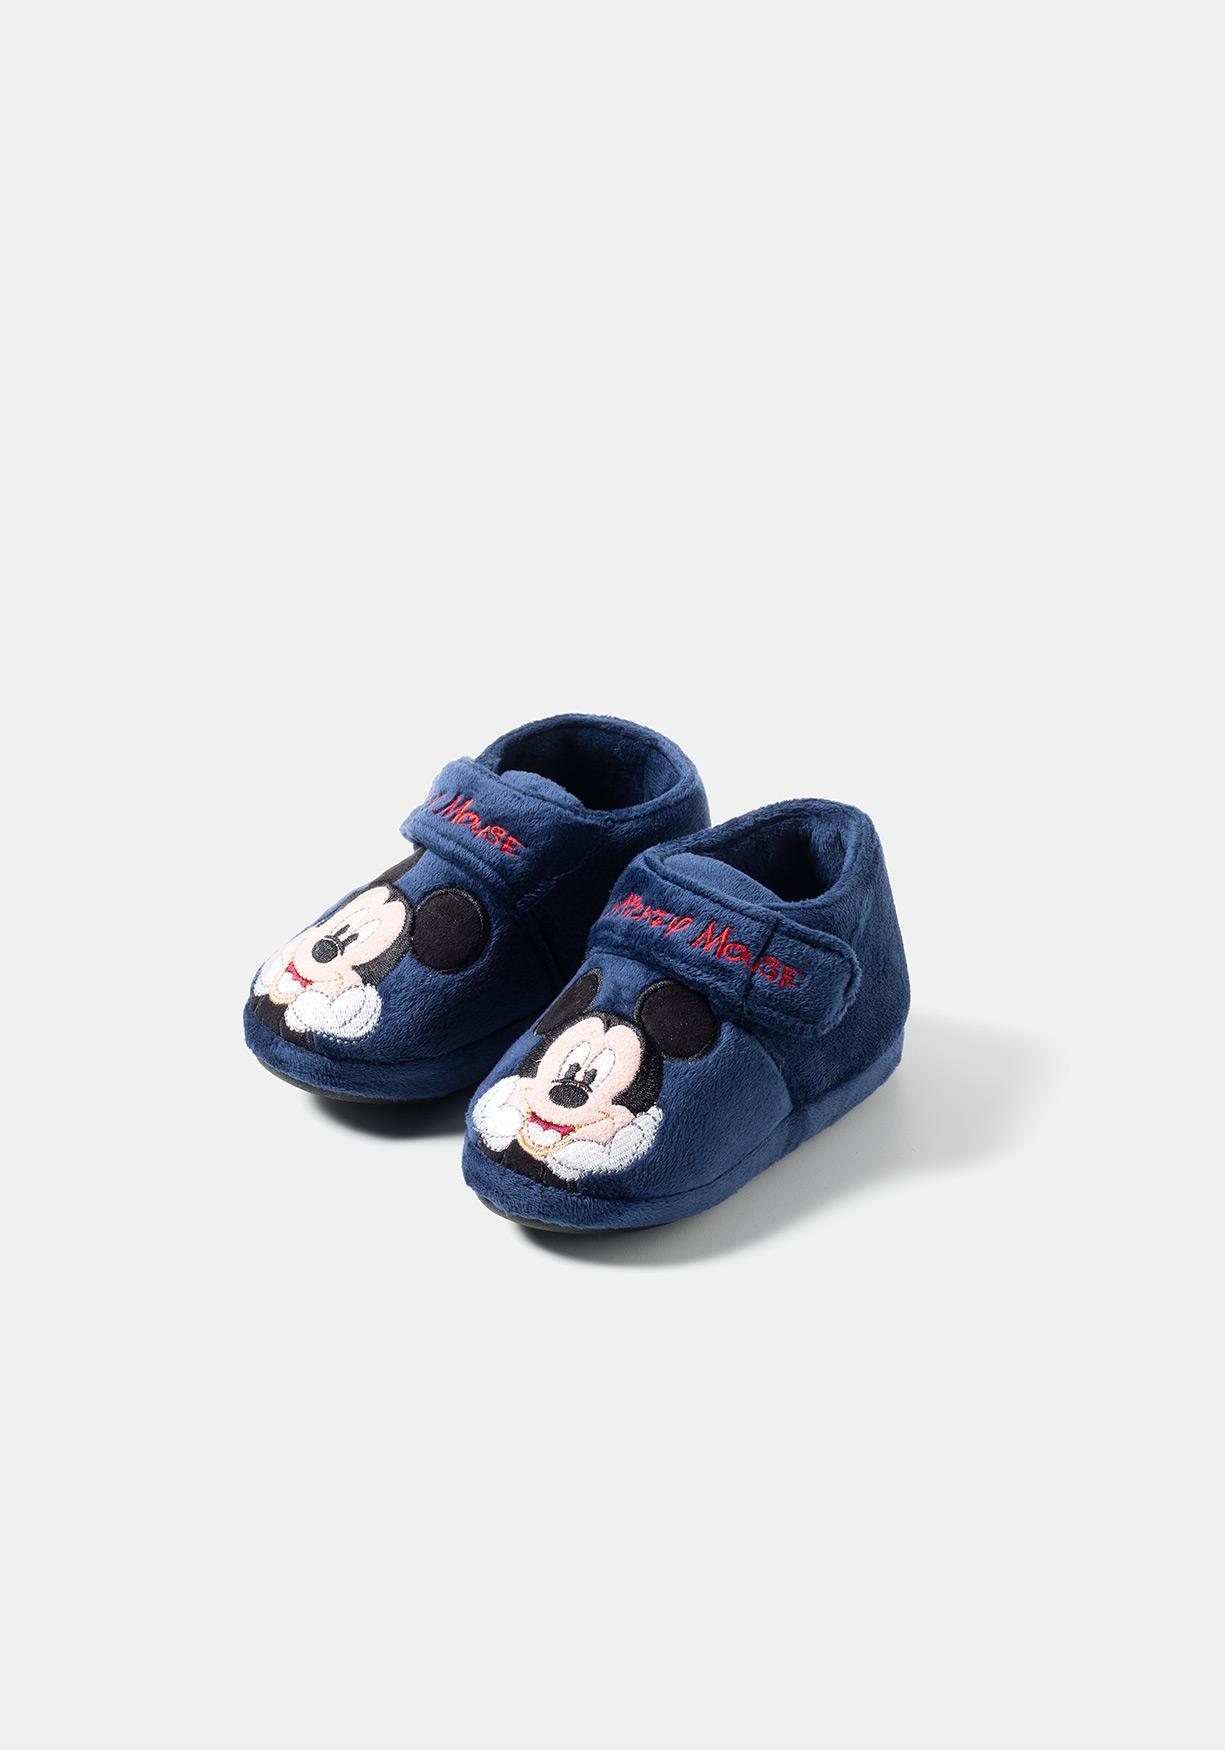 e29c5f768cdb7 Zapatillas de estar por casa con estampado unisex Minnie y Mickey de Disney  (Tallas 21-30)